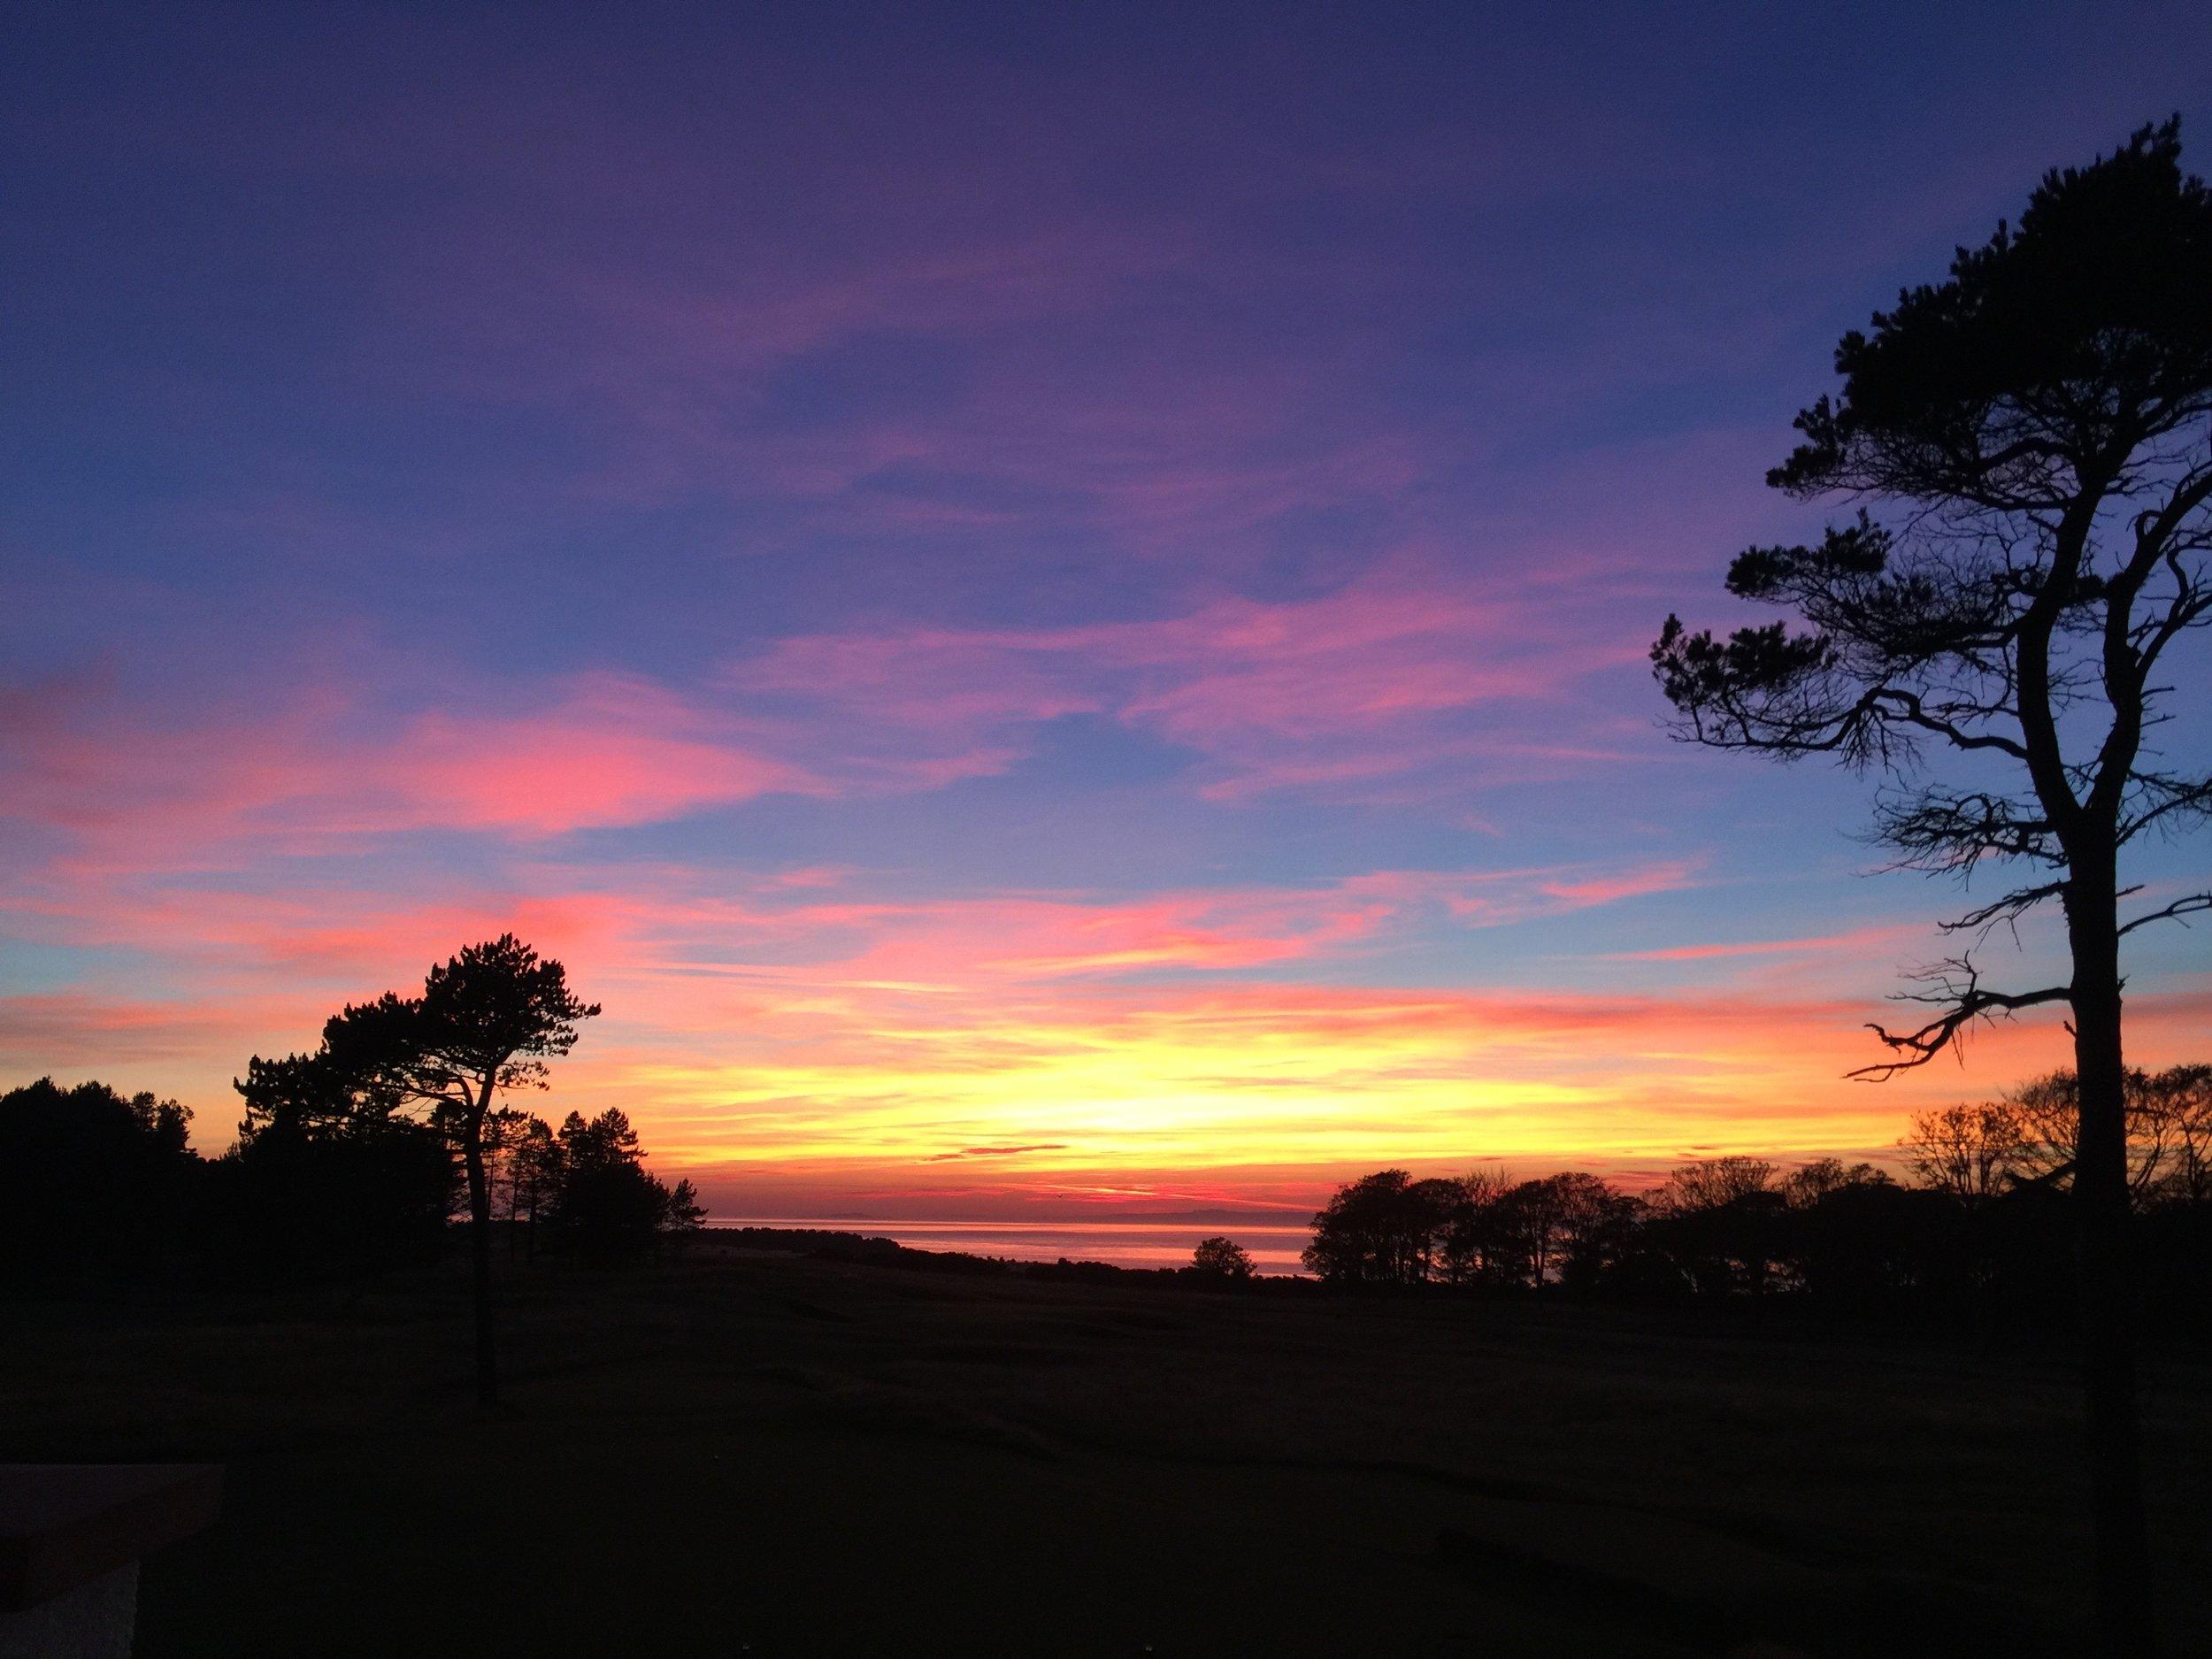 Equally amazing sunsets.